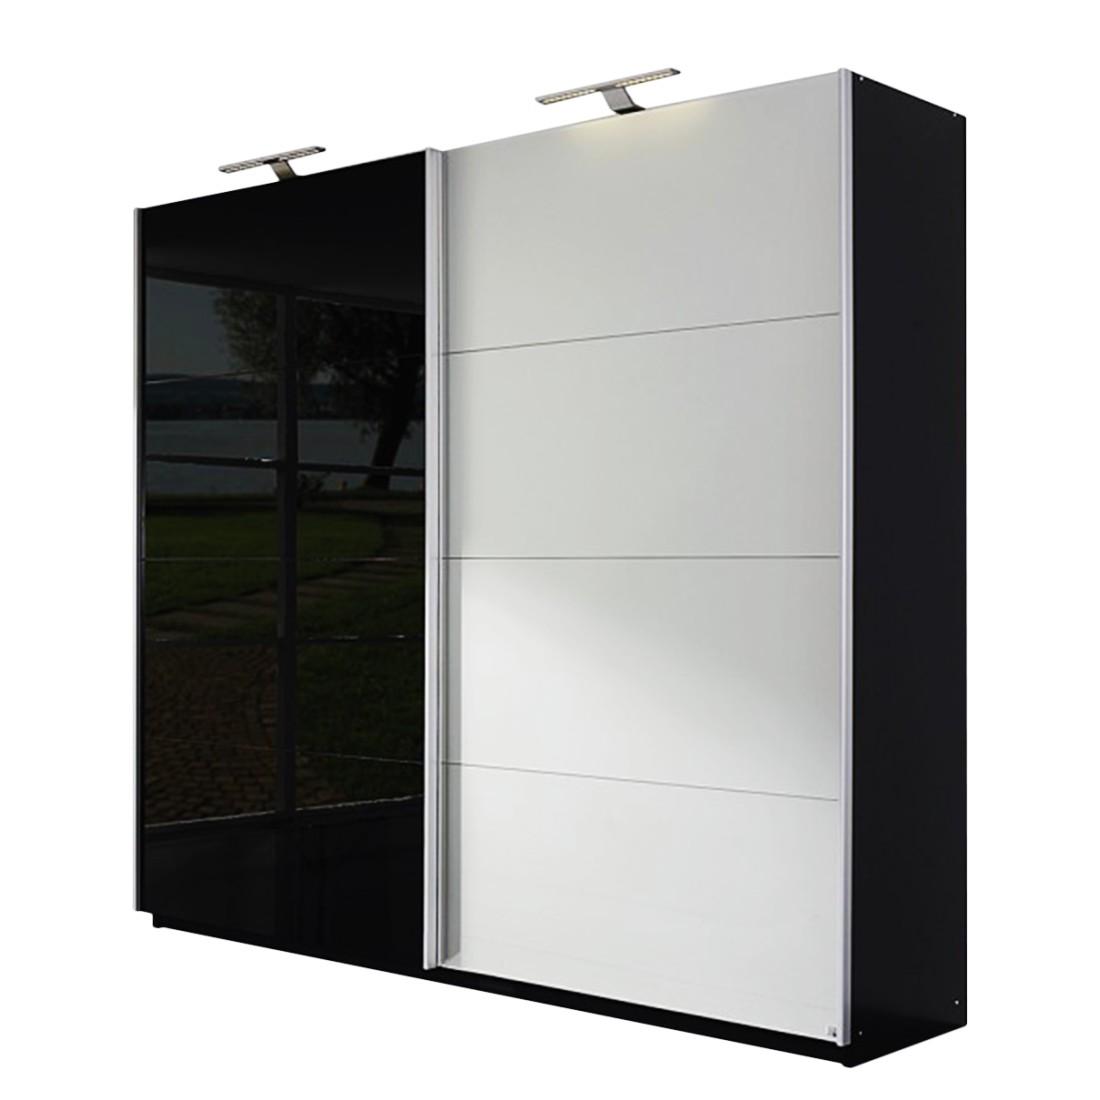 Schwebetürenschrank Beluga-Plus - Schwarz/Hochglanz Schwarz - Glas matt Silber - 405 cm (3-türig) - 223 cm, Rauch Select